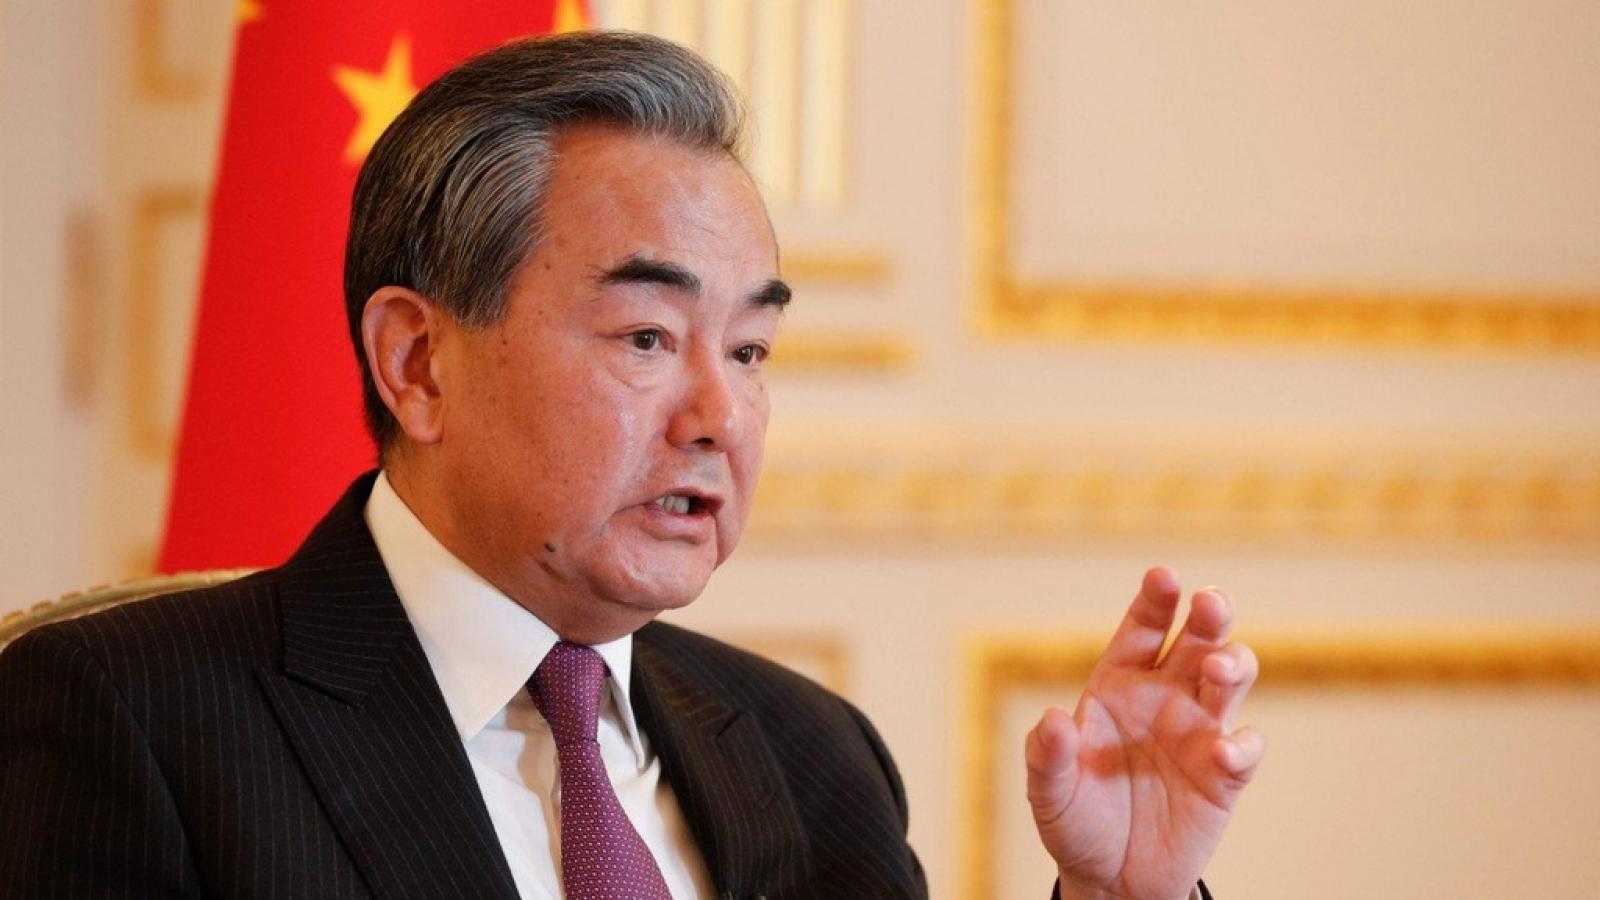 Trung Quốc kêu gọi các quốc gia BRICS đoàn kết bảo vệ chủ nghĩa đa phương